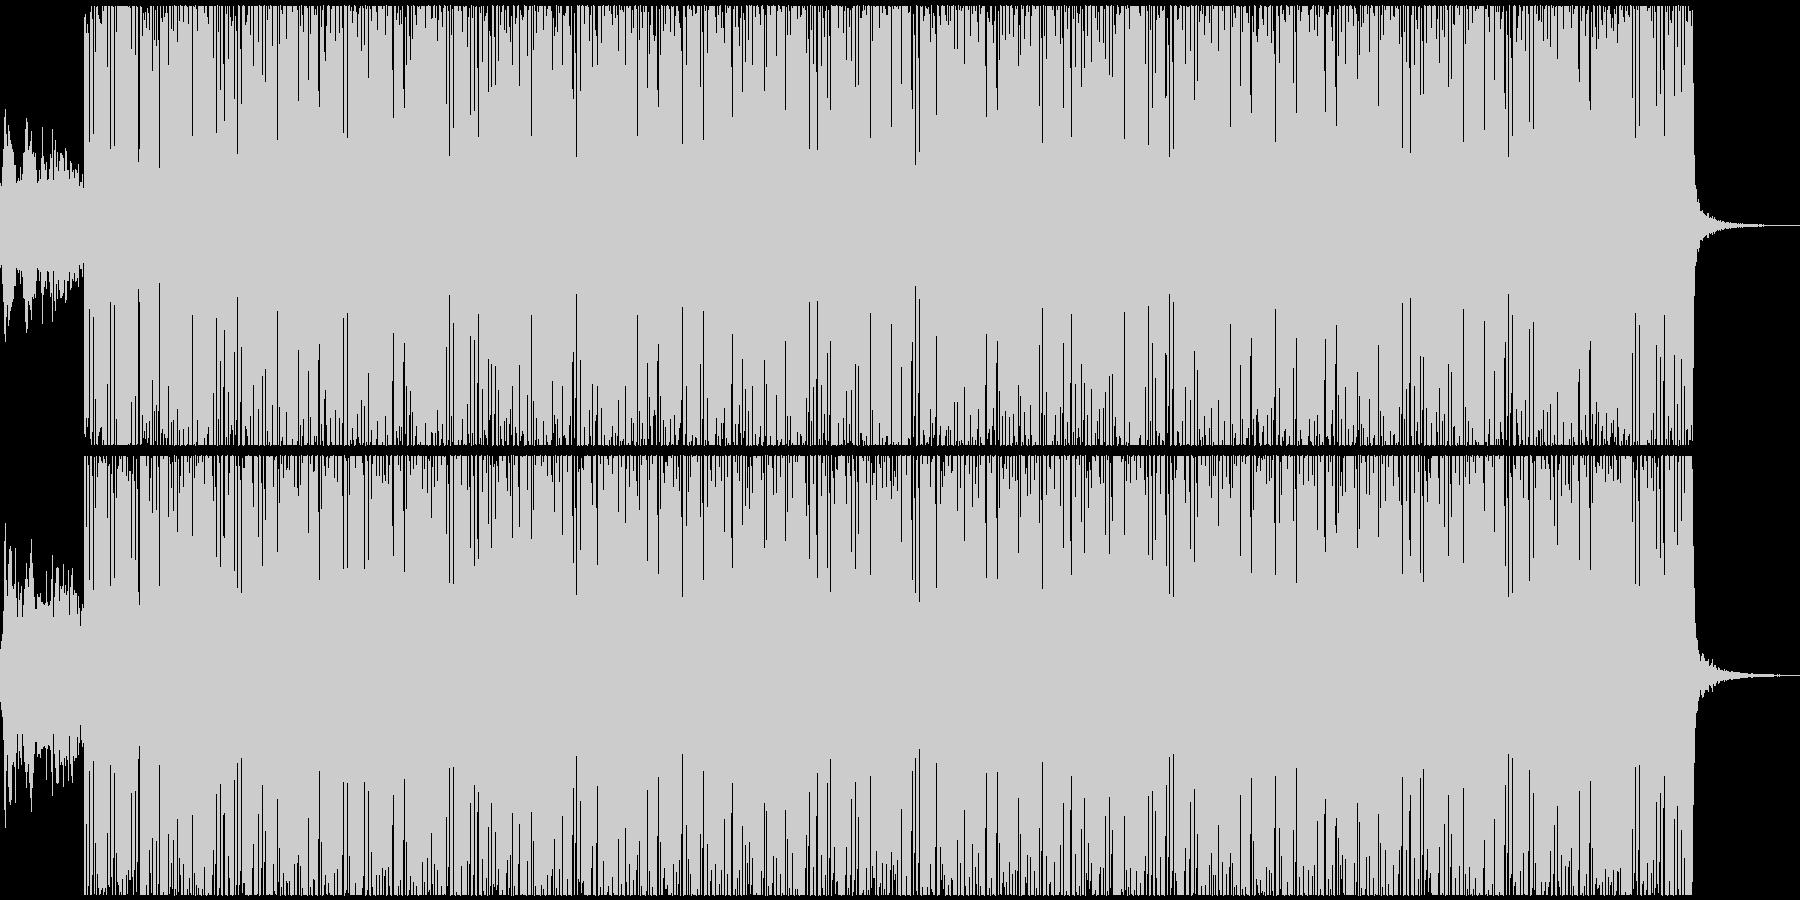 ベースの効いた低音のテクノサウンドの未再生の波形